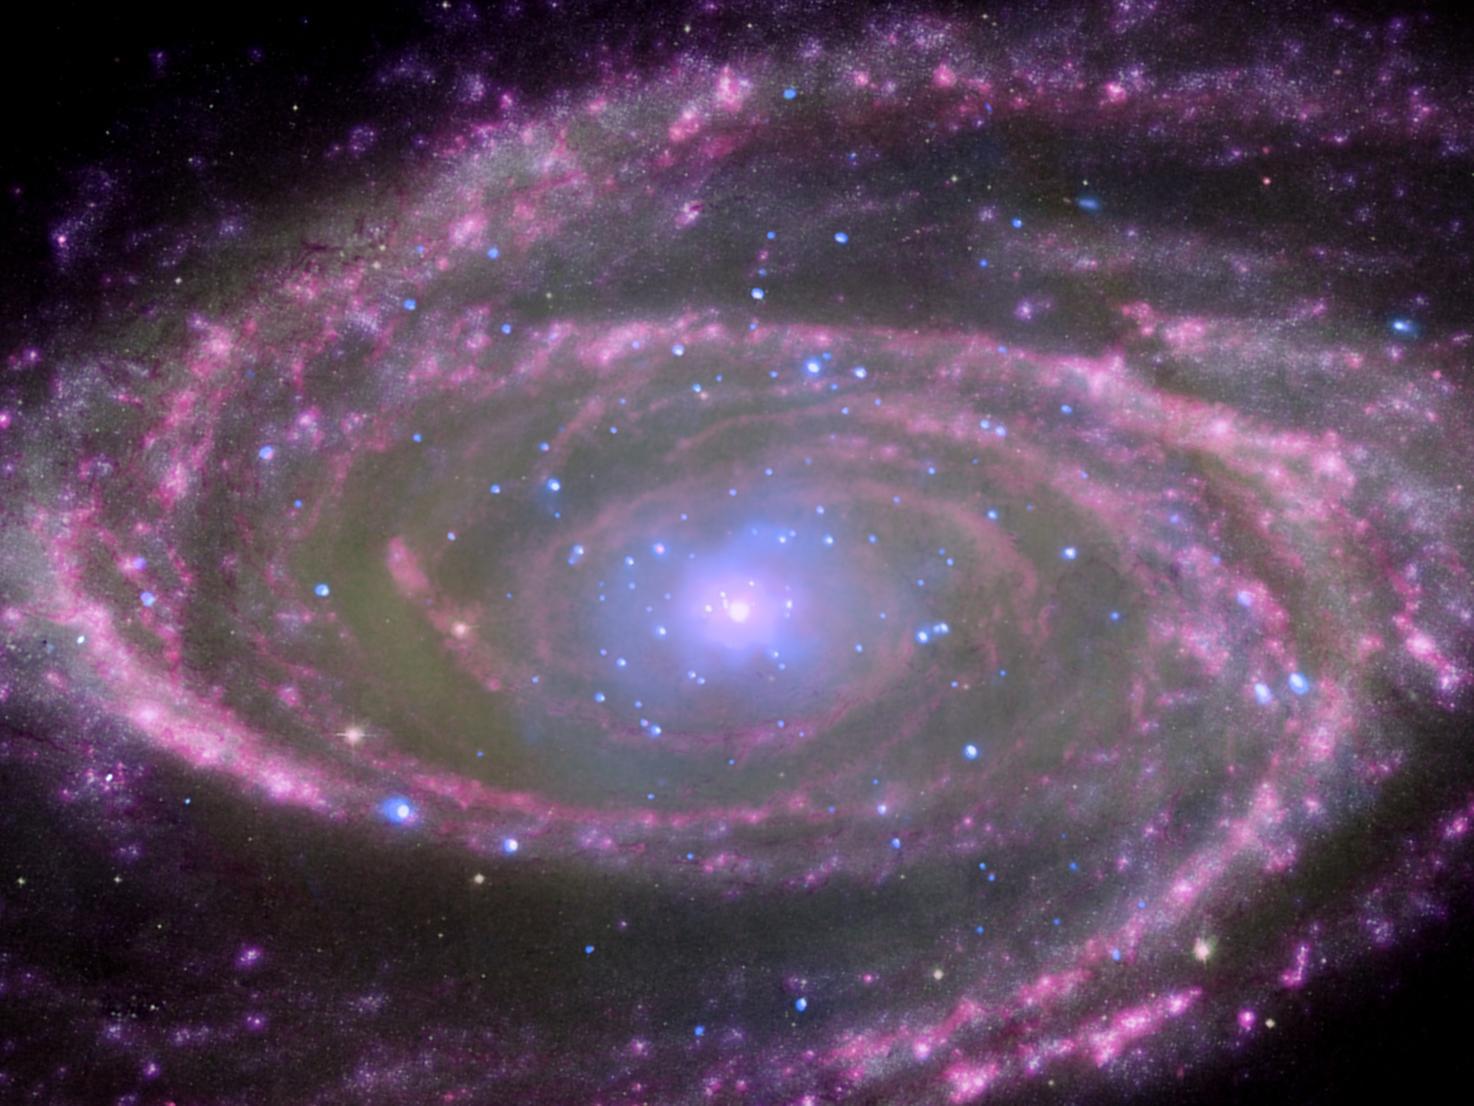 Reise zum Mittelpunkt der Materie